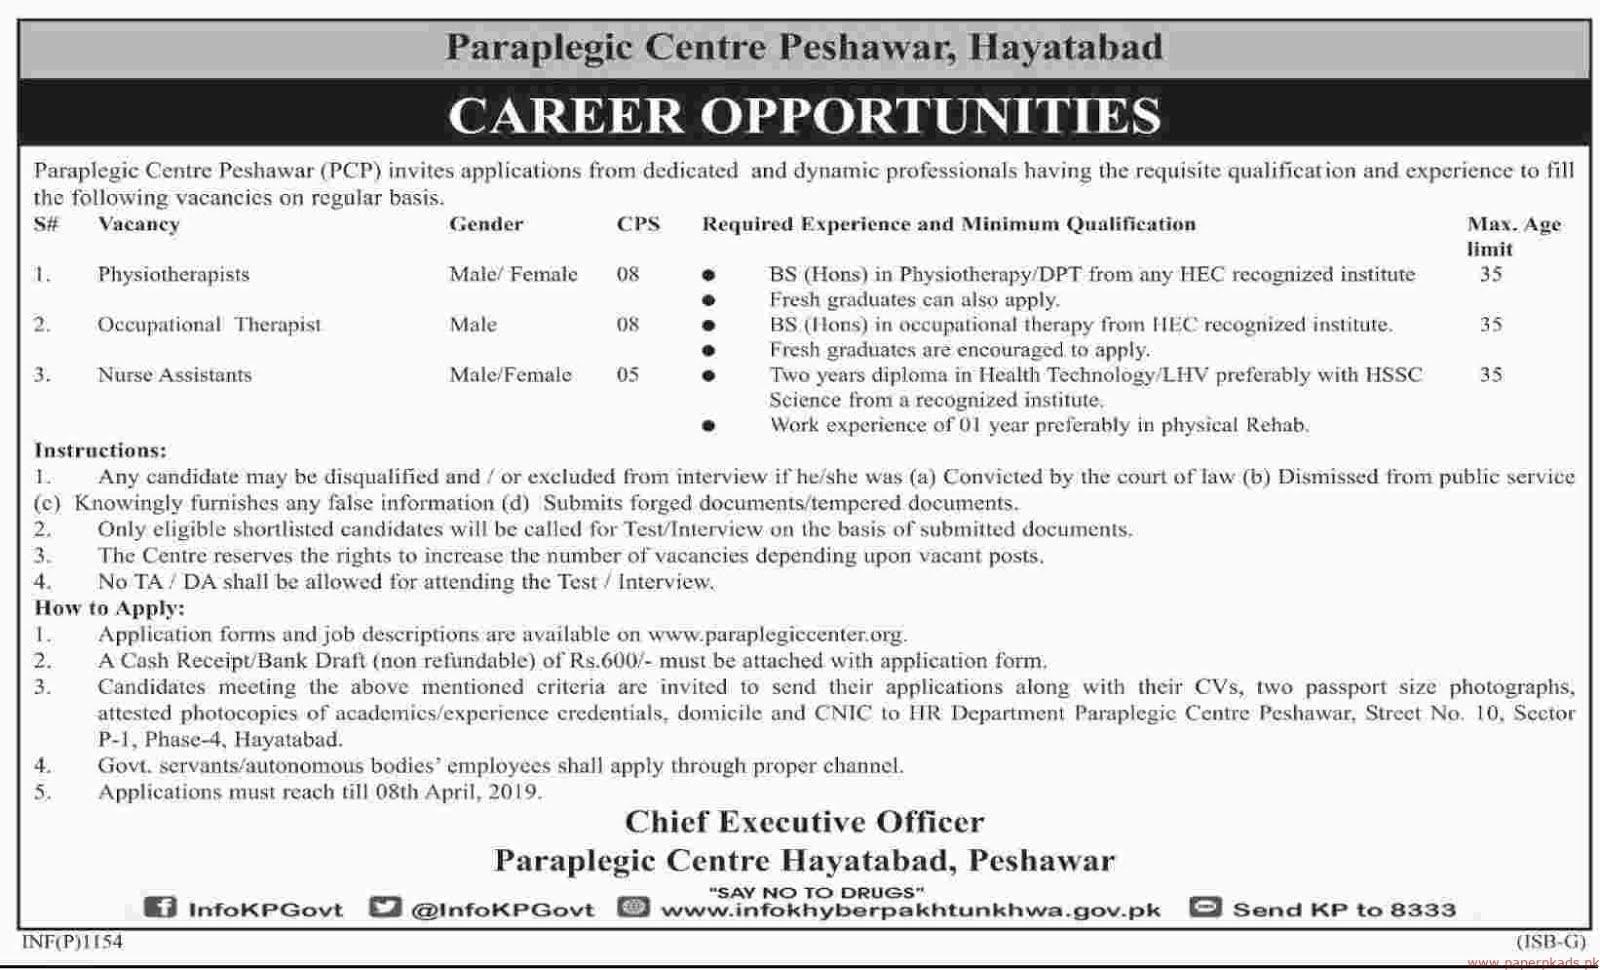 Paraplegic Centre Peshawar Jobs 2019 Latest